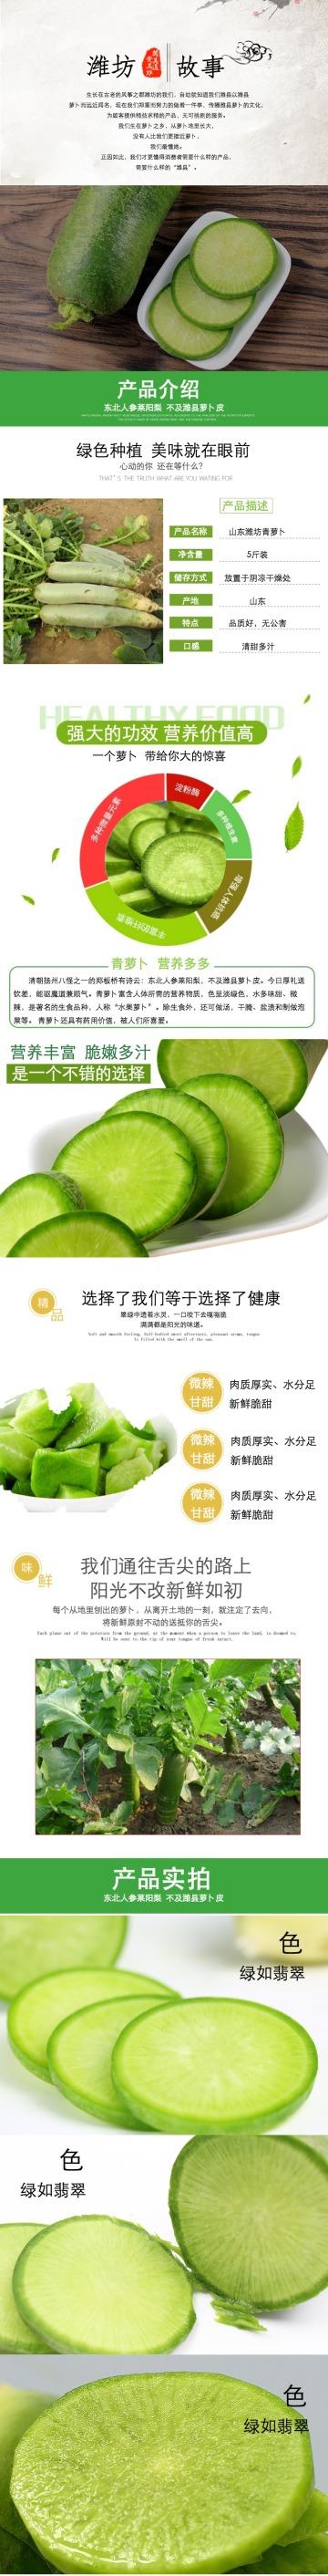 清新健康清甜潍县青萝卜电商详情图